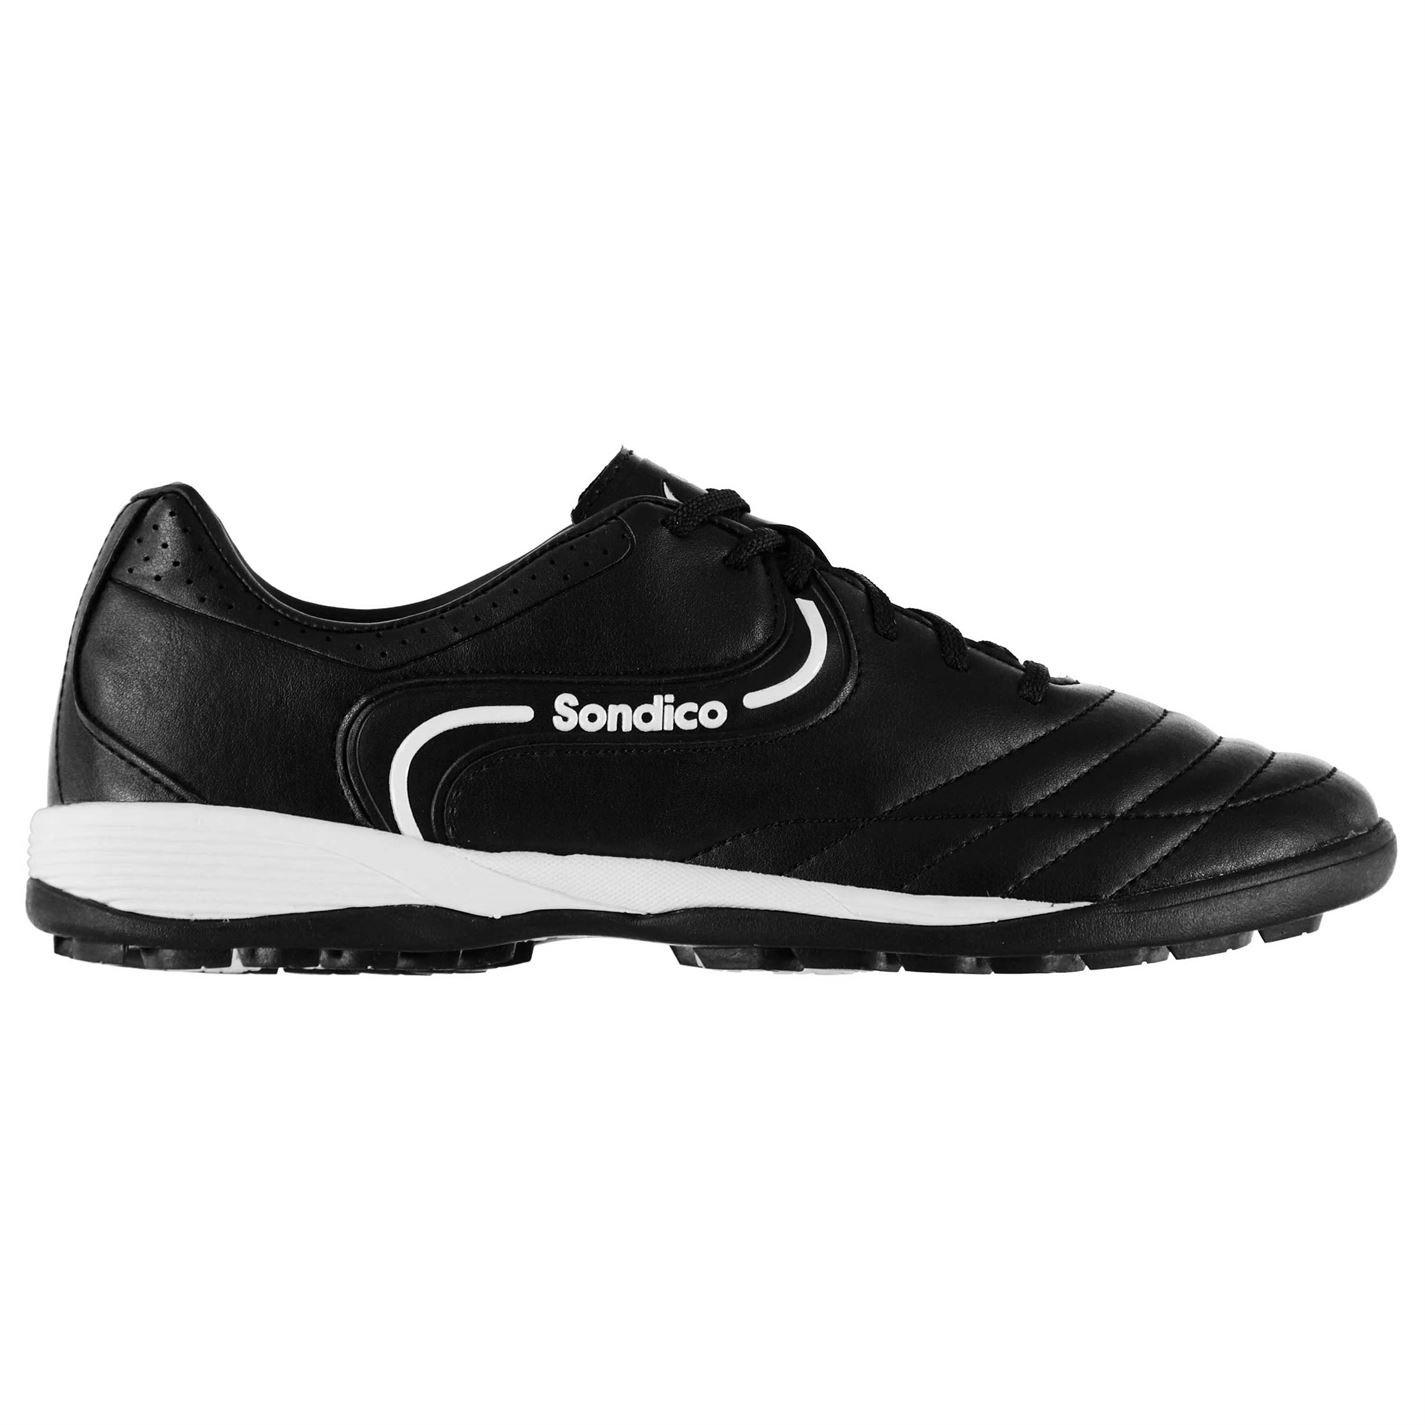 0153e753f65 Sondico Mens Strike II Astro Turf Football Trainers